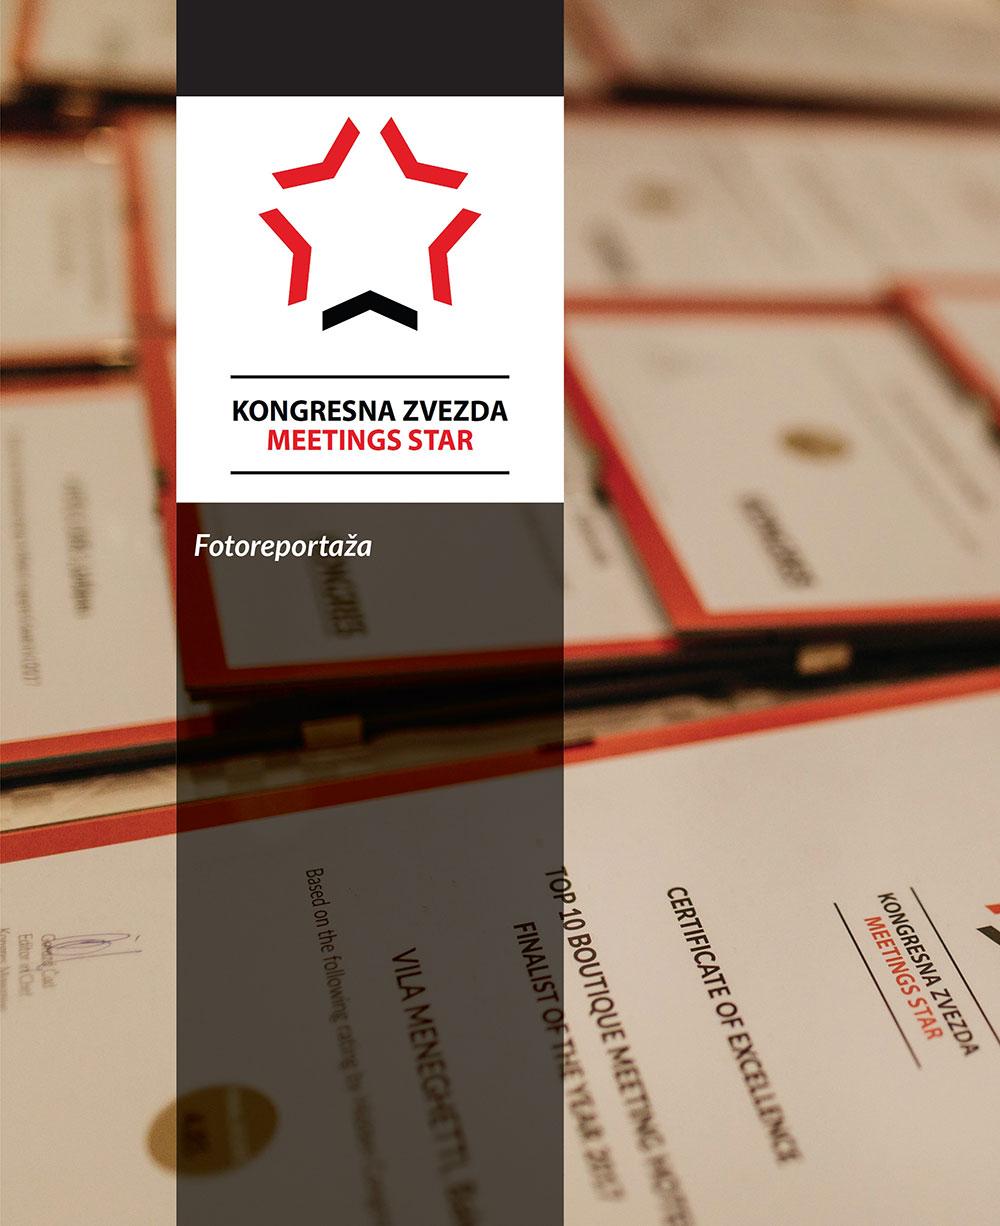 vizualno-oblikovanje-kongresna-zvezda-reportaza